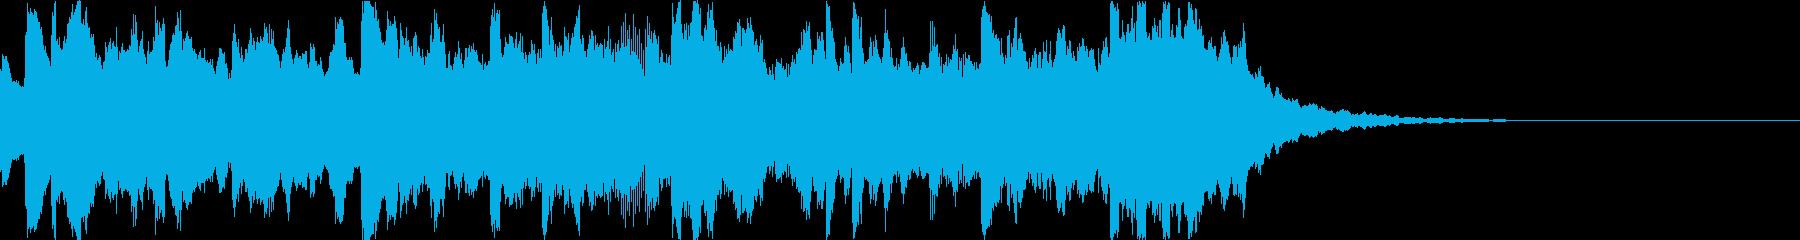 時報 呼びかけ チャイム(残響なし)の再生済みの波形